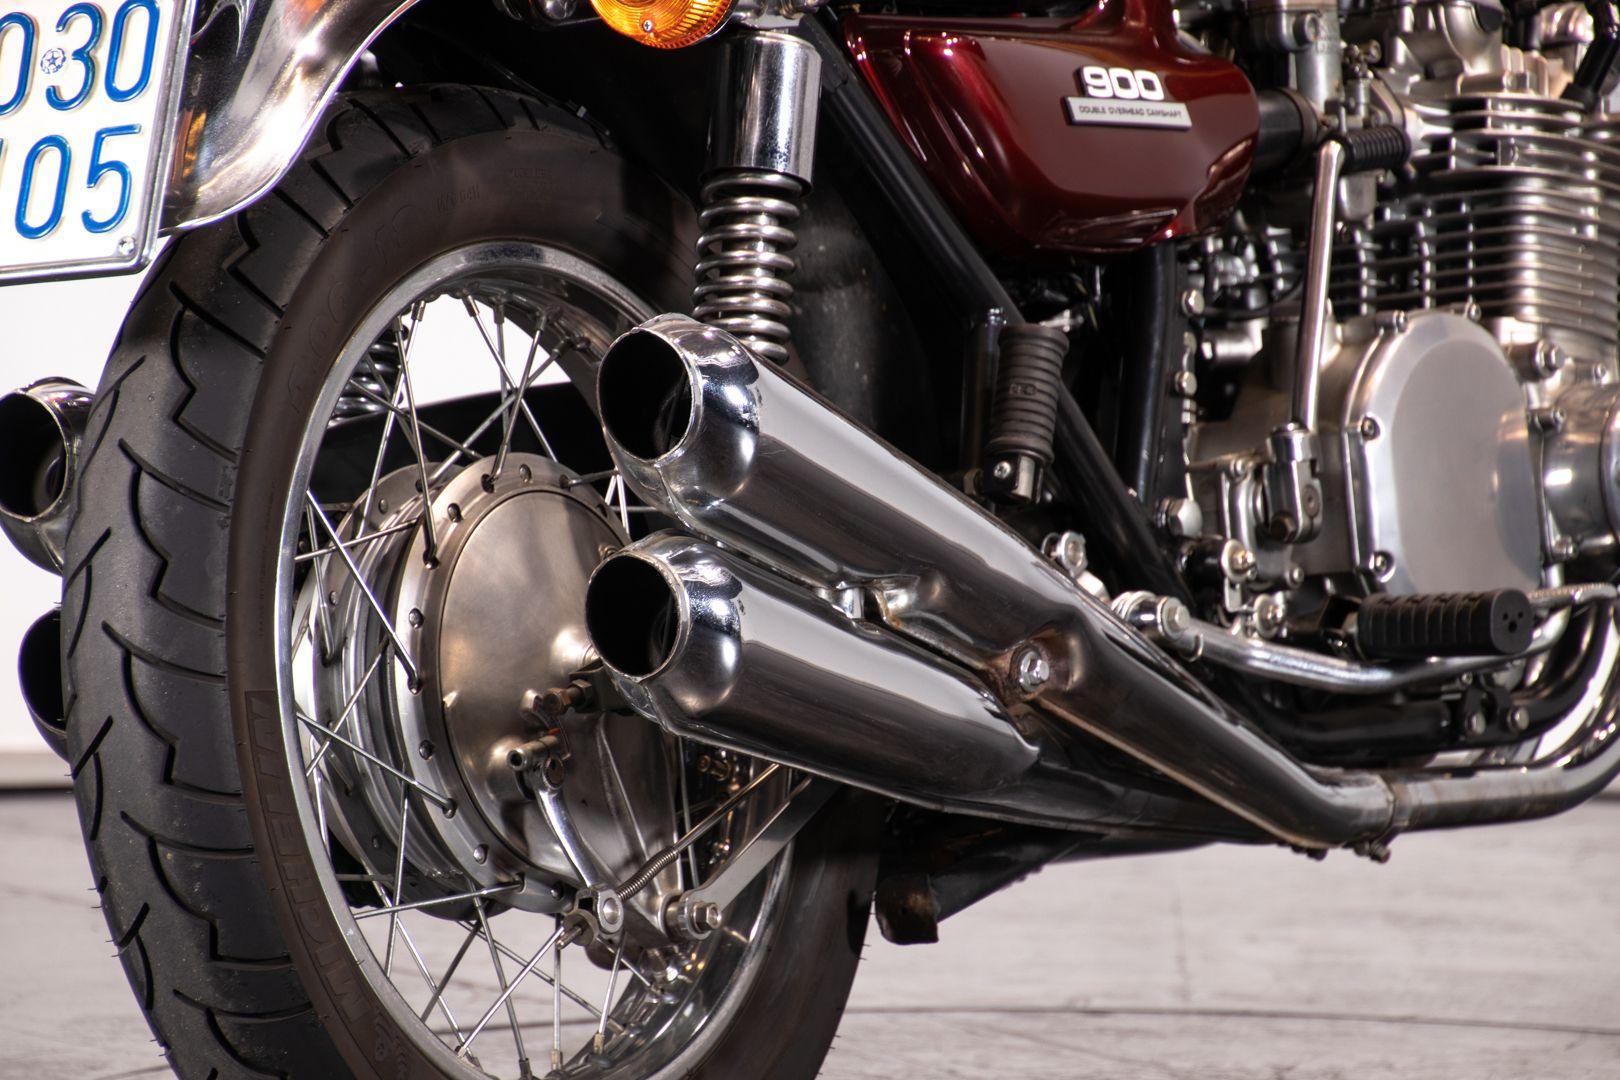 1975 Kawasaki Z1 Super 4 40646